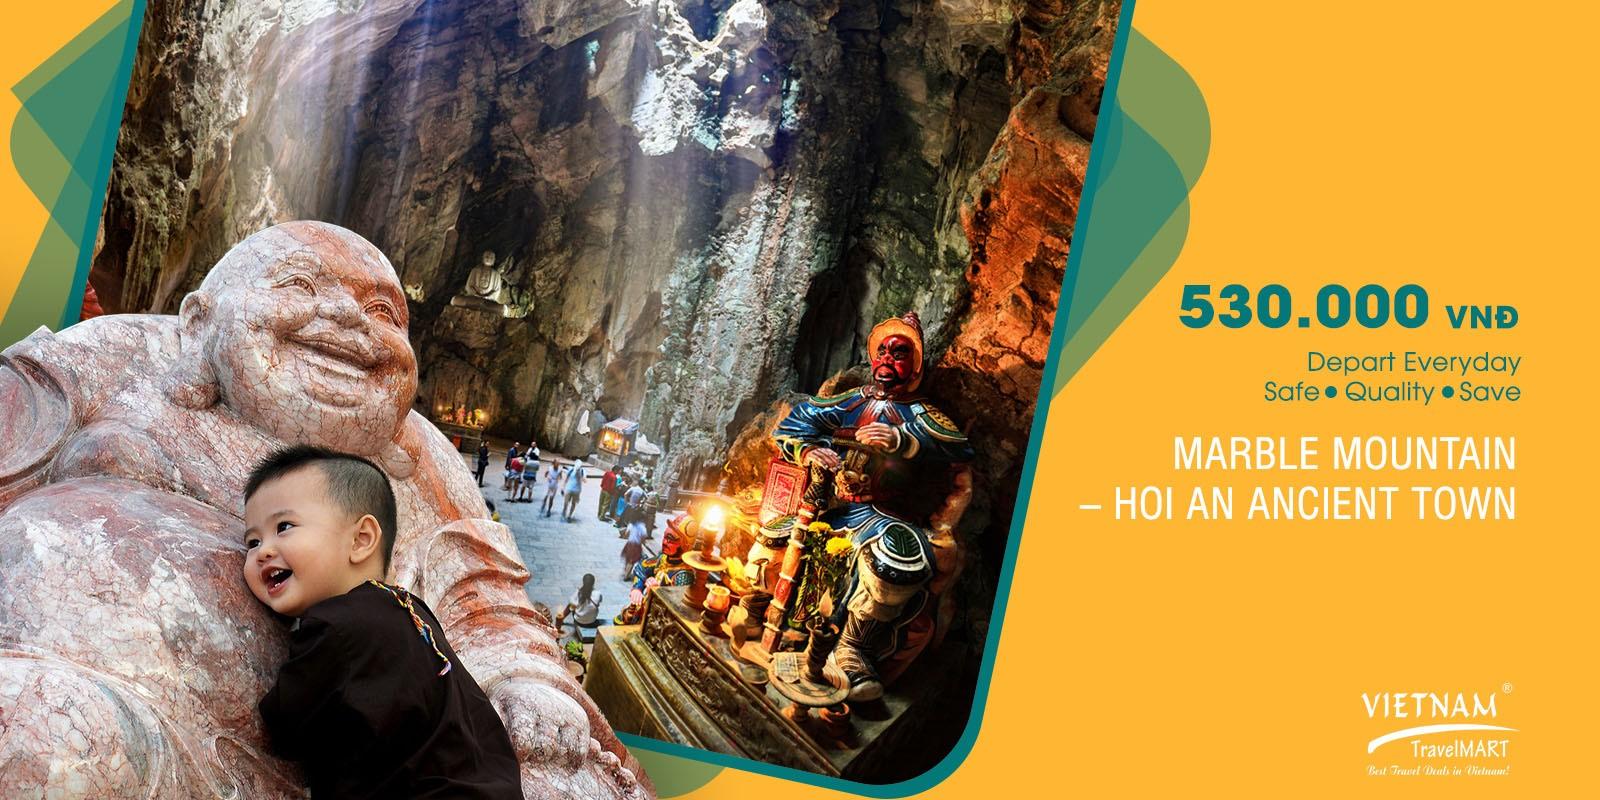 Marble moutain - Hoi An tour 530000 vnd Vietnam Travel Mart JSC